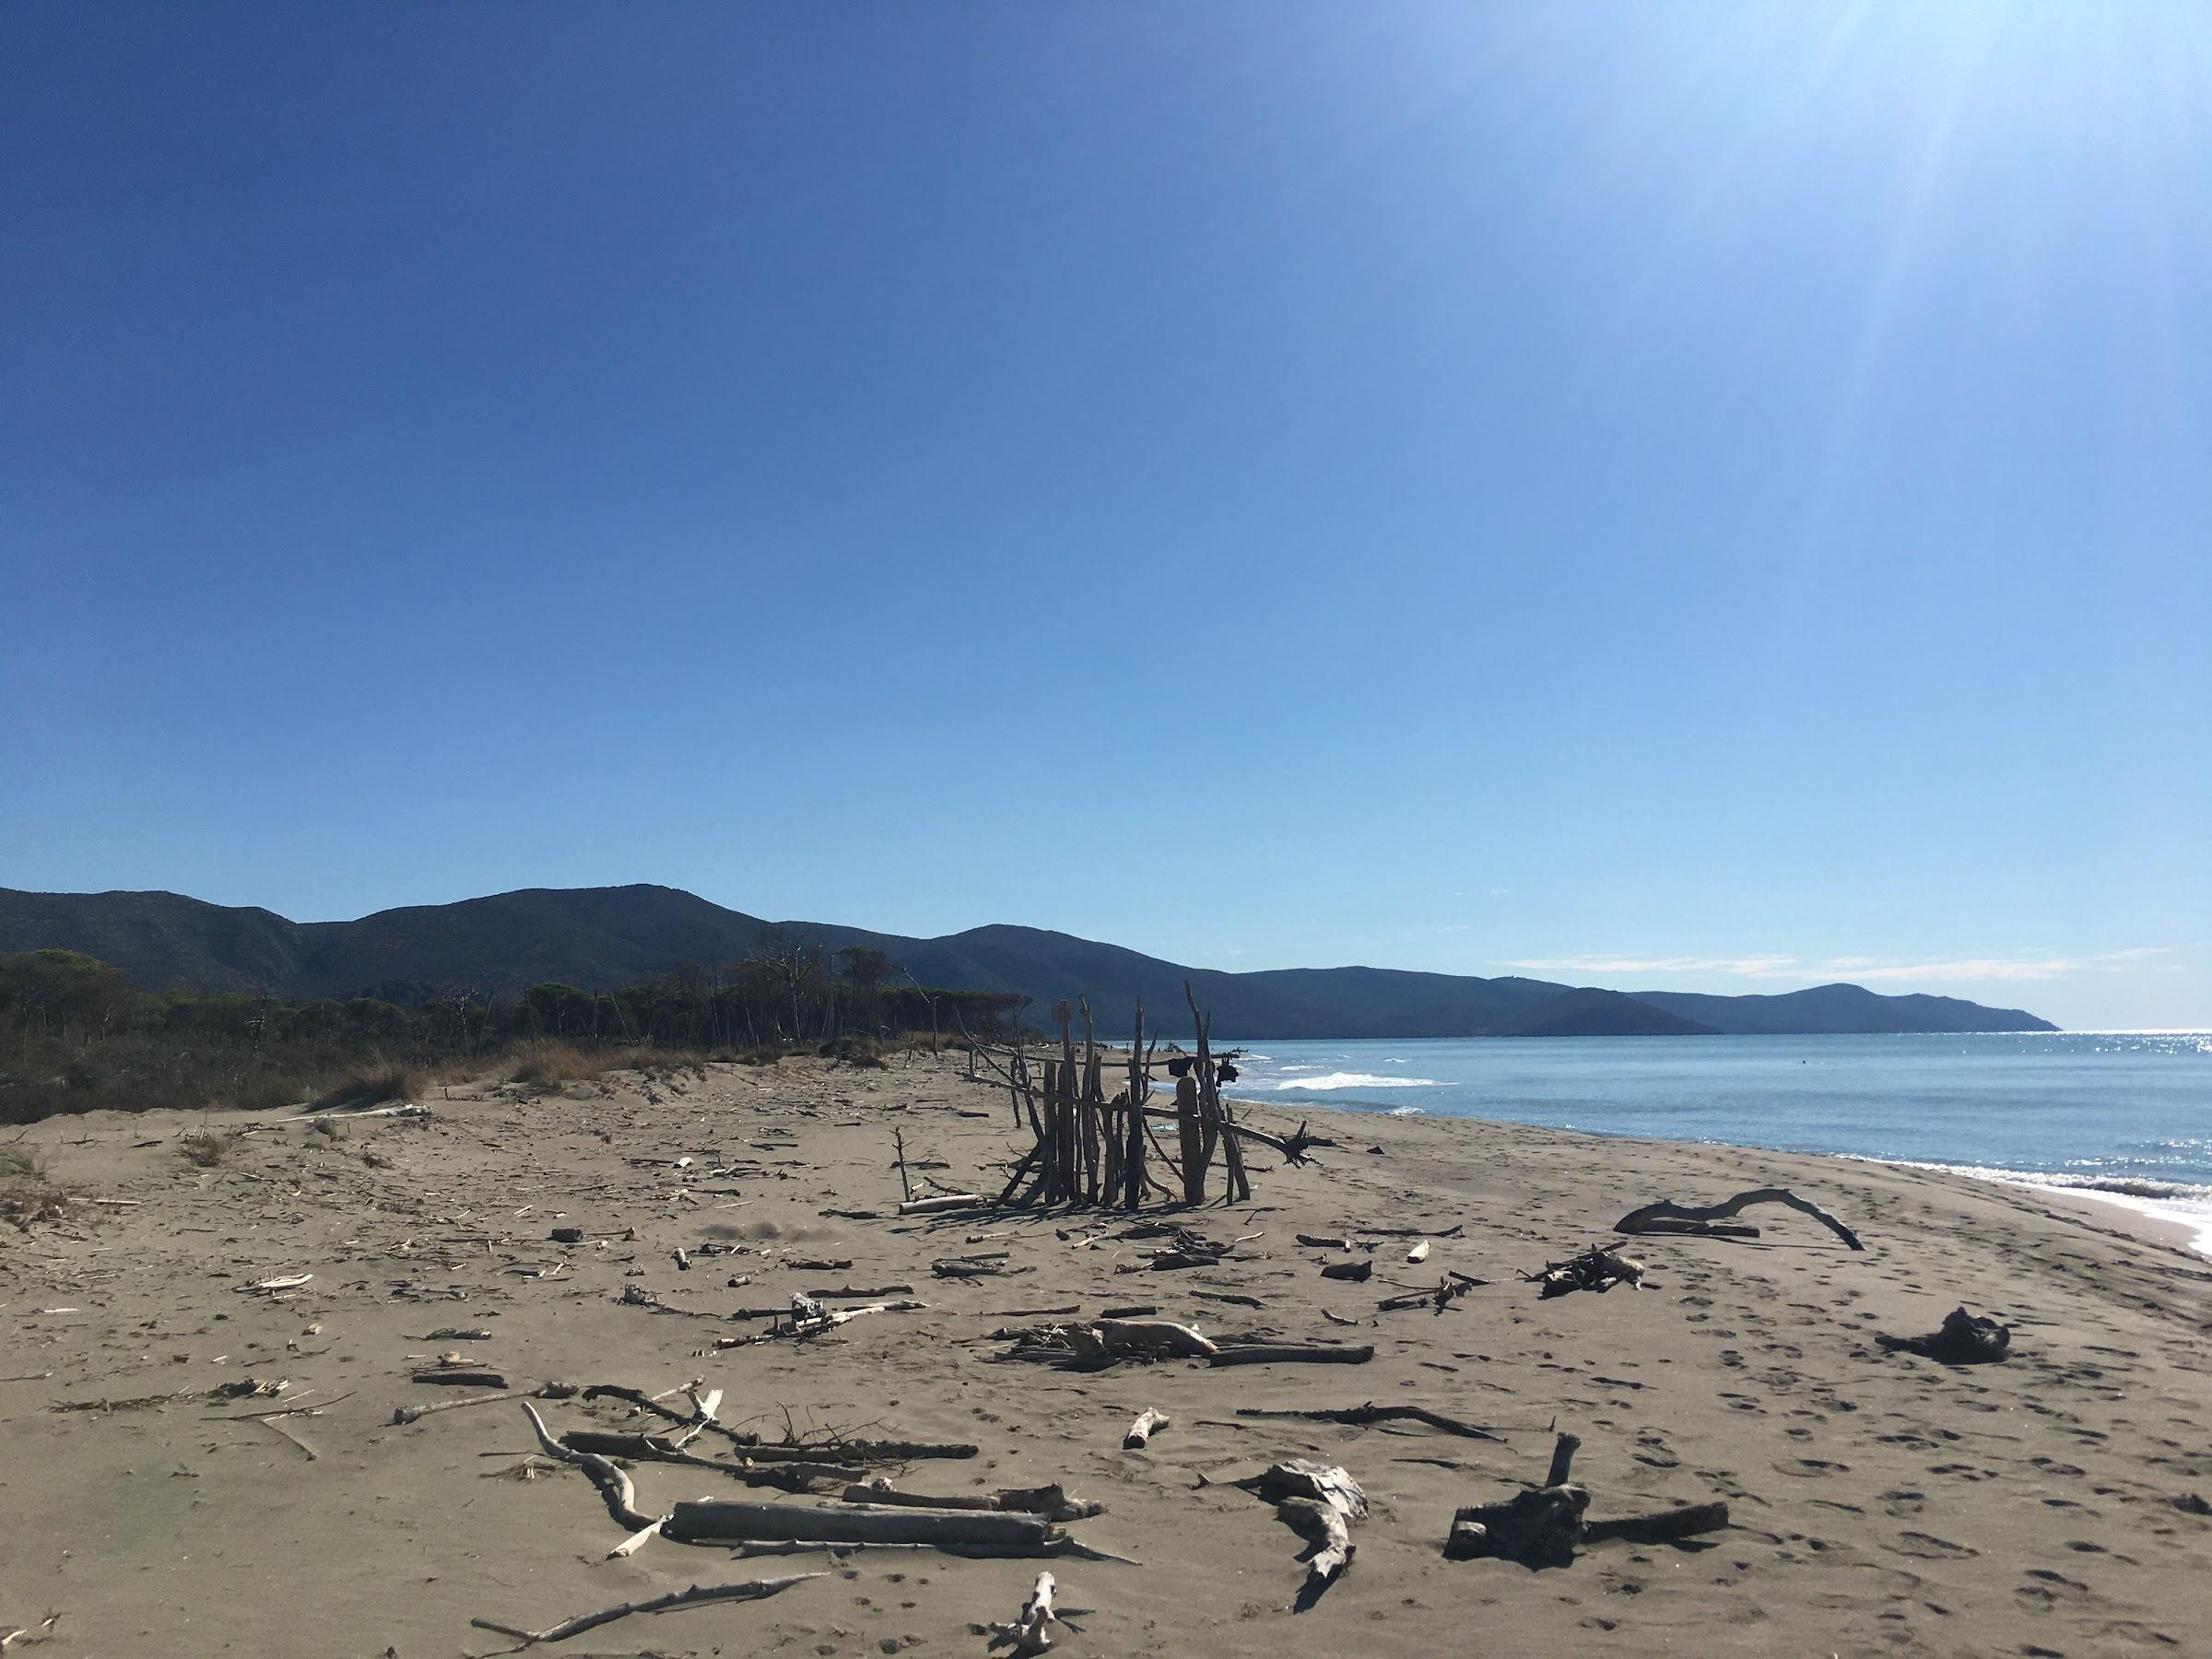 Spiaggia Marina di Alberese,, Parco naturale della Maremma,